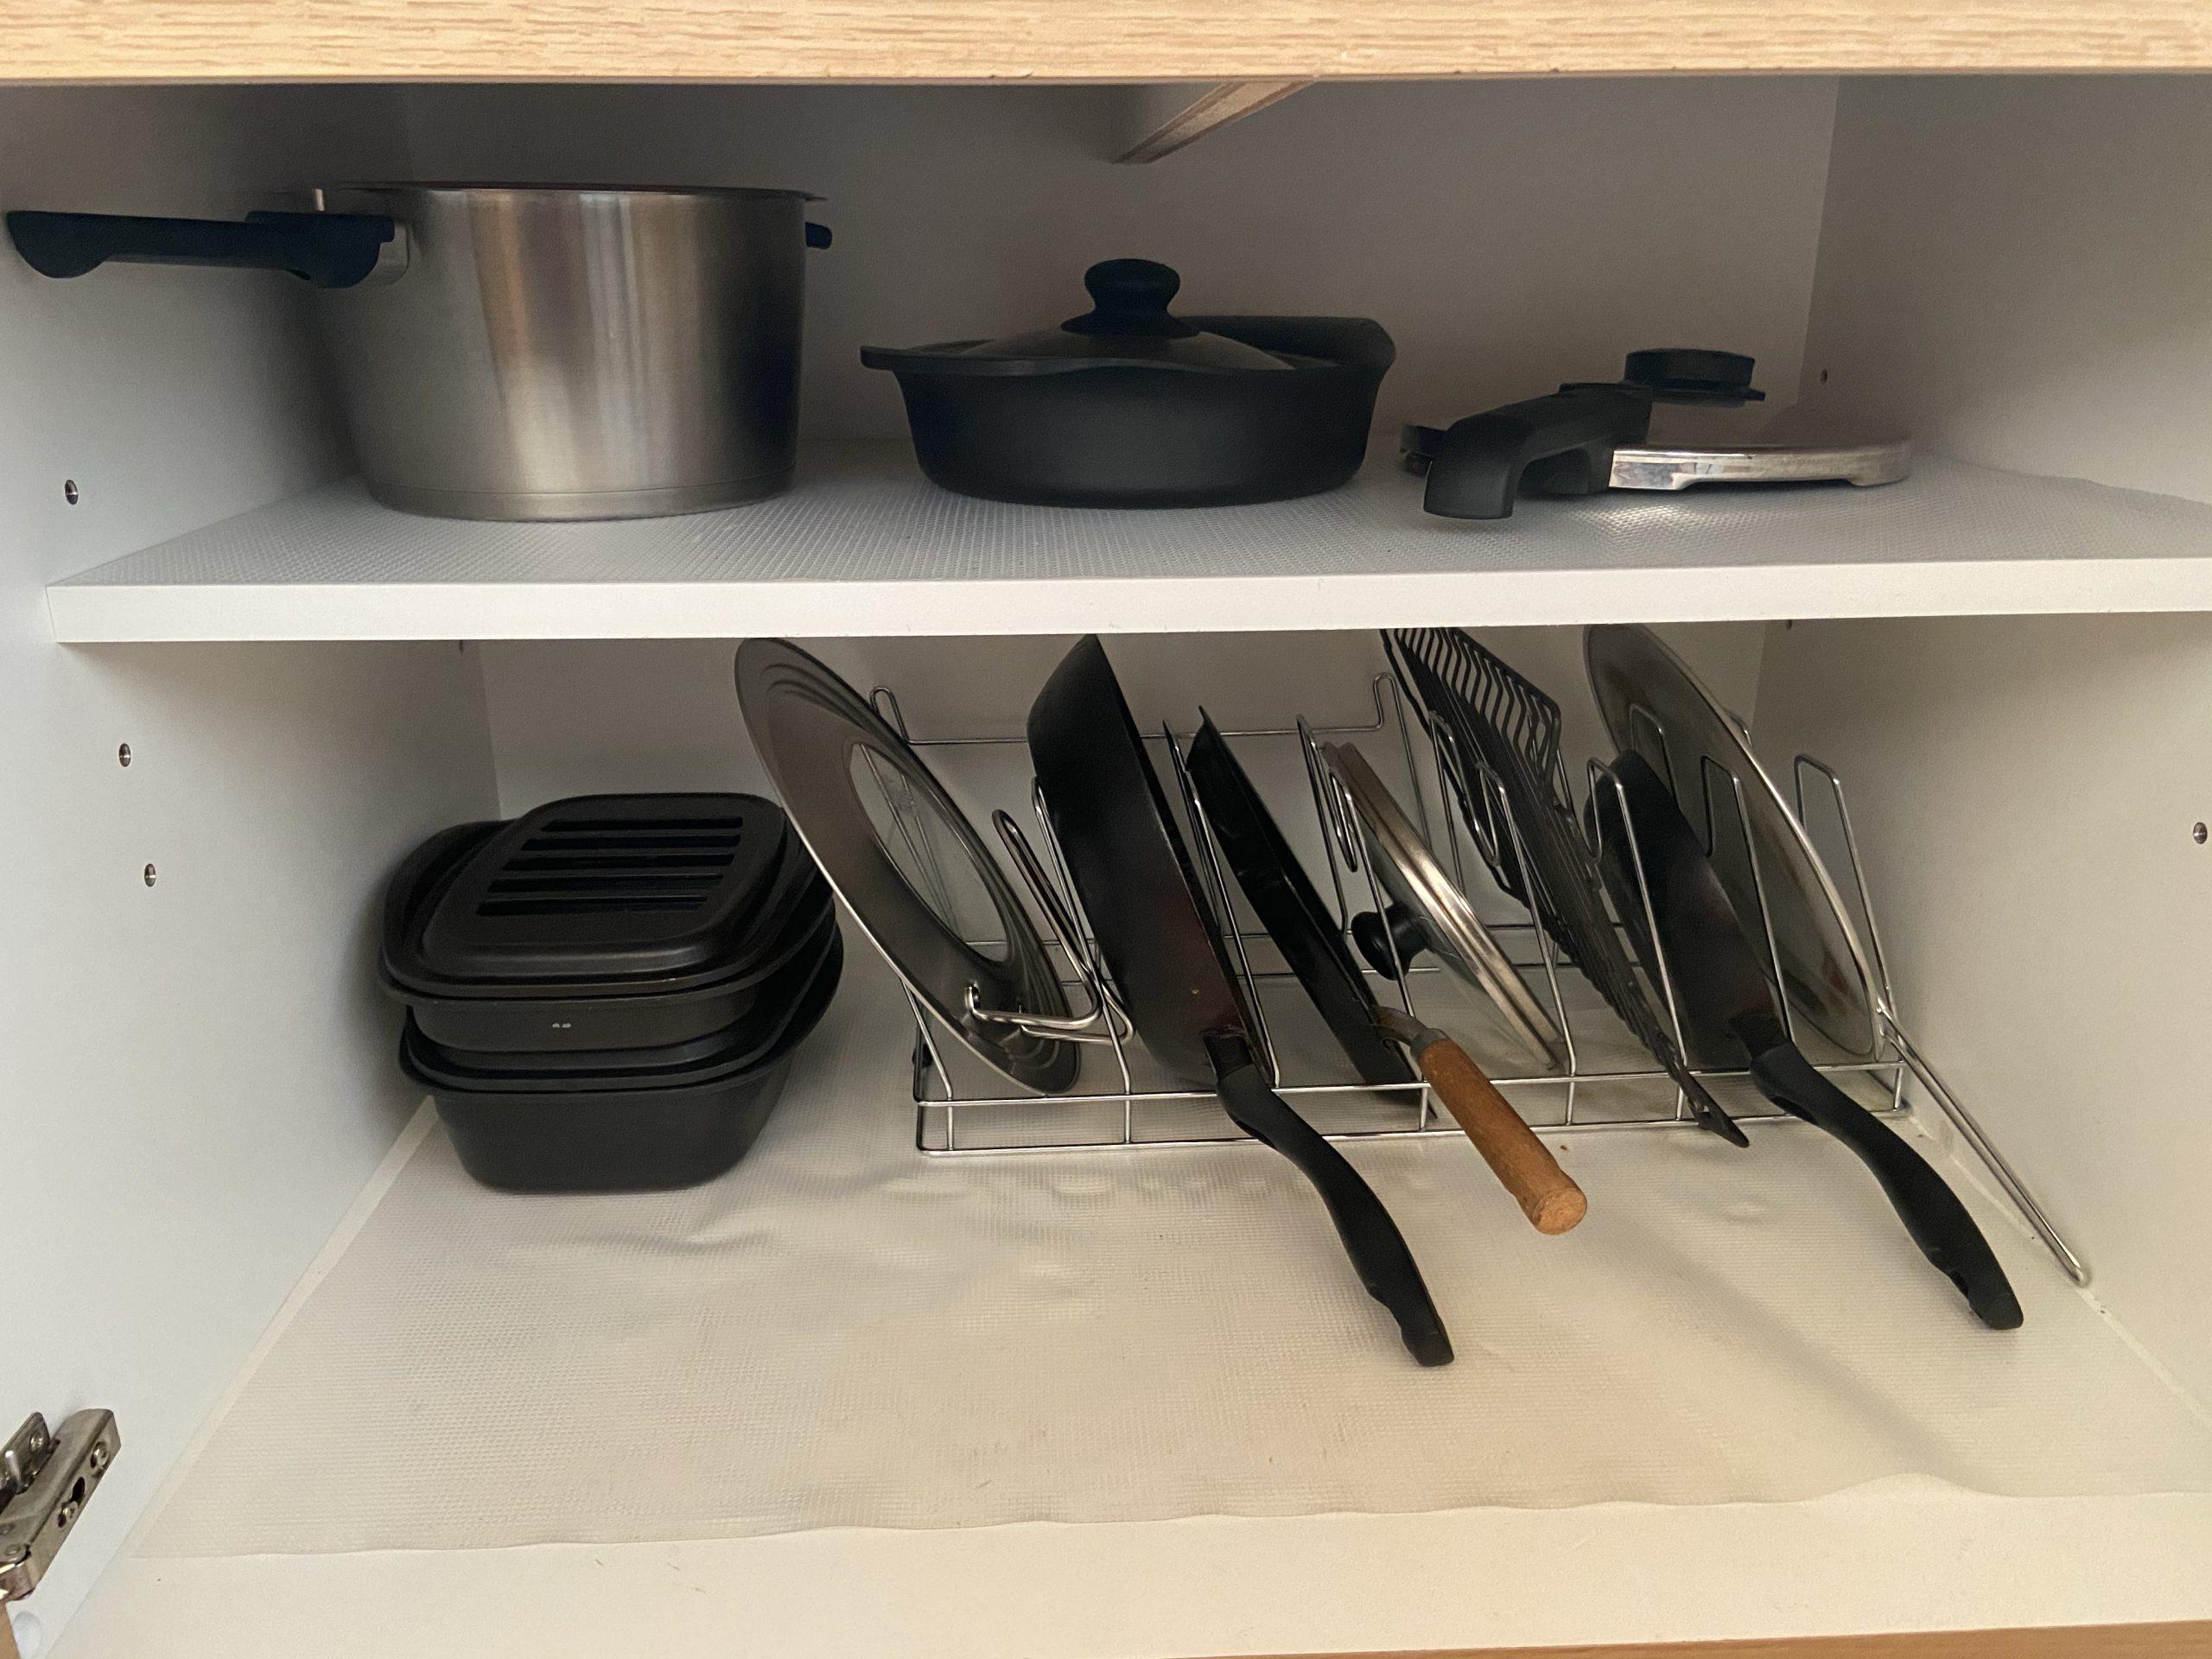 キッチンの鍋やフライパン収納